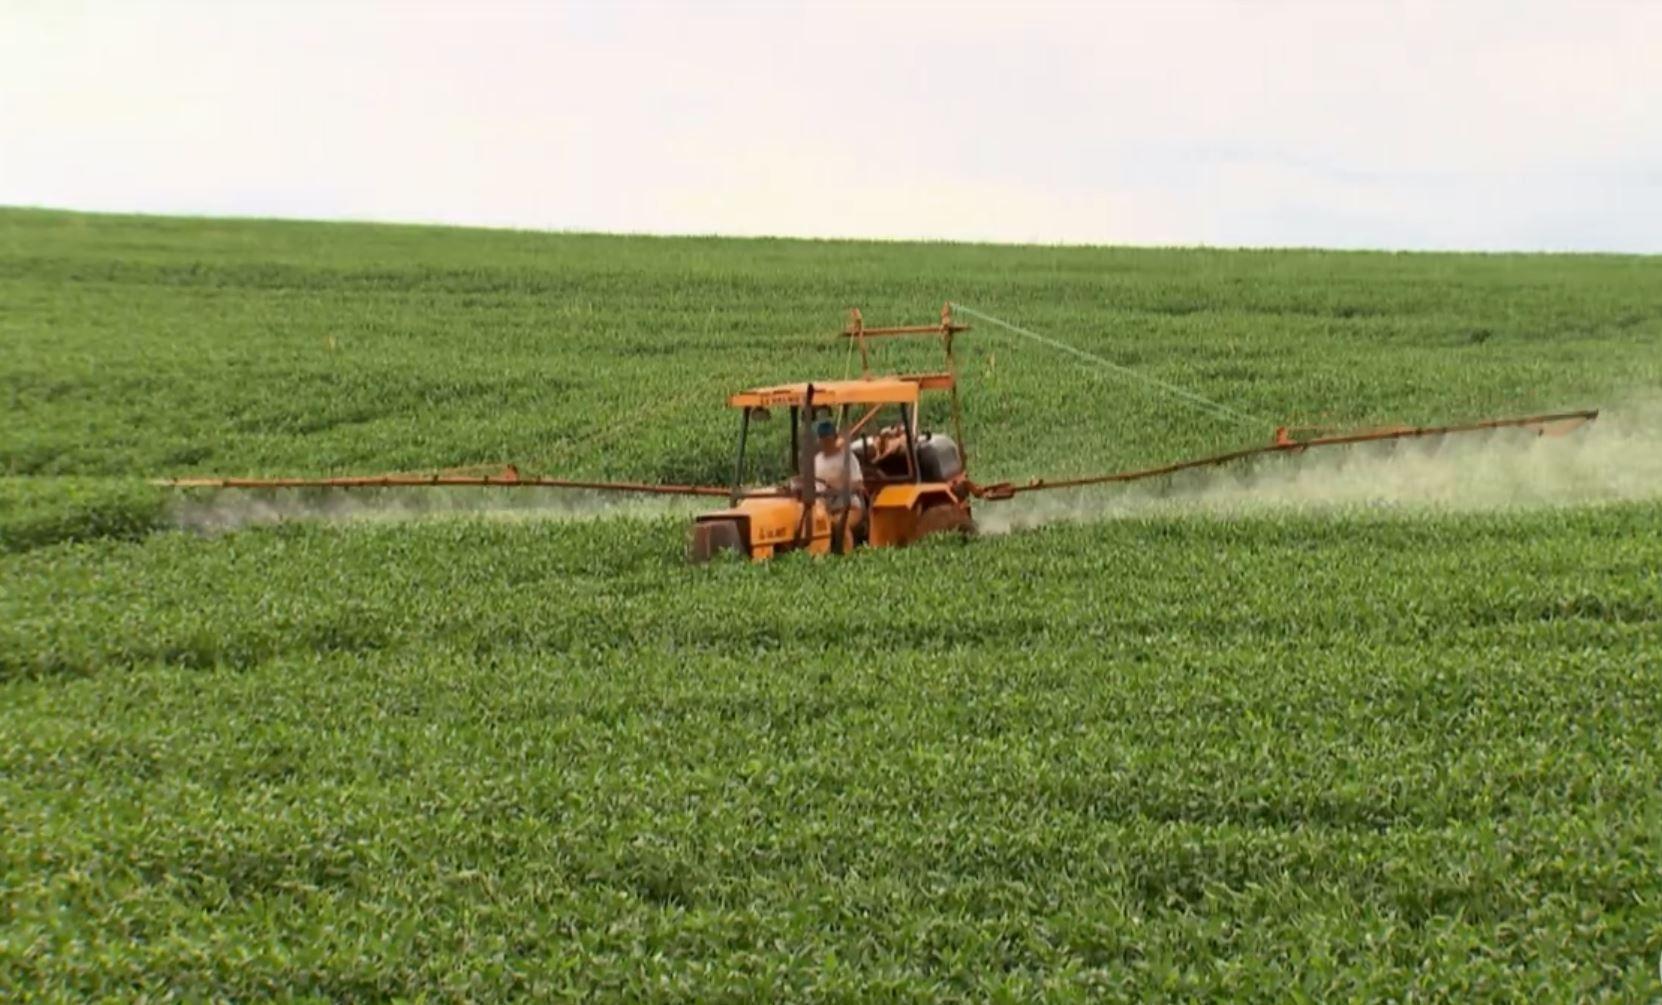 Governo autoriza mais 63 agrotóxicos, sendo 7 novos; total de registros em 2019 chega a 325 - Notícias - Plantão Diário